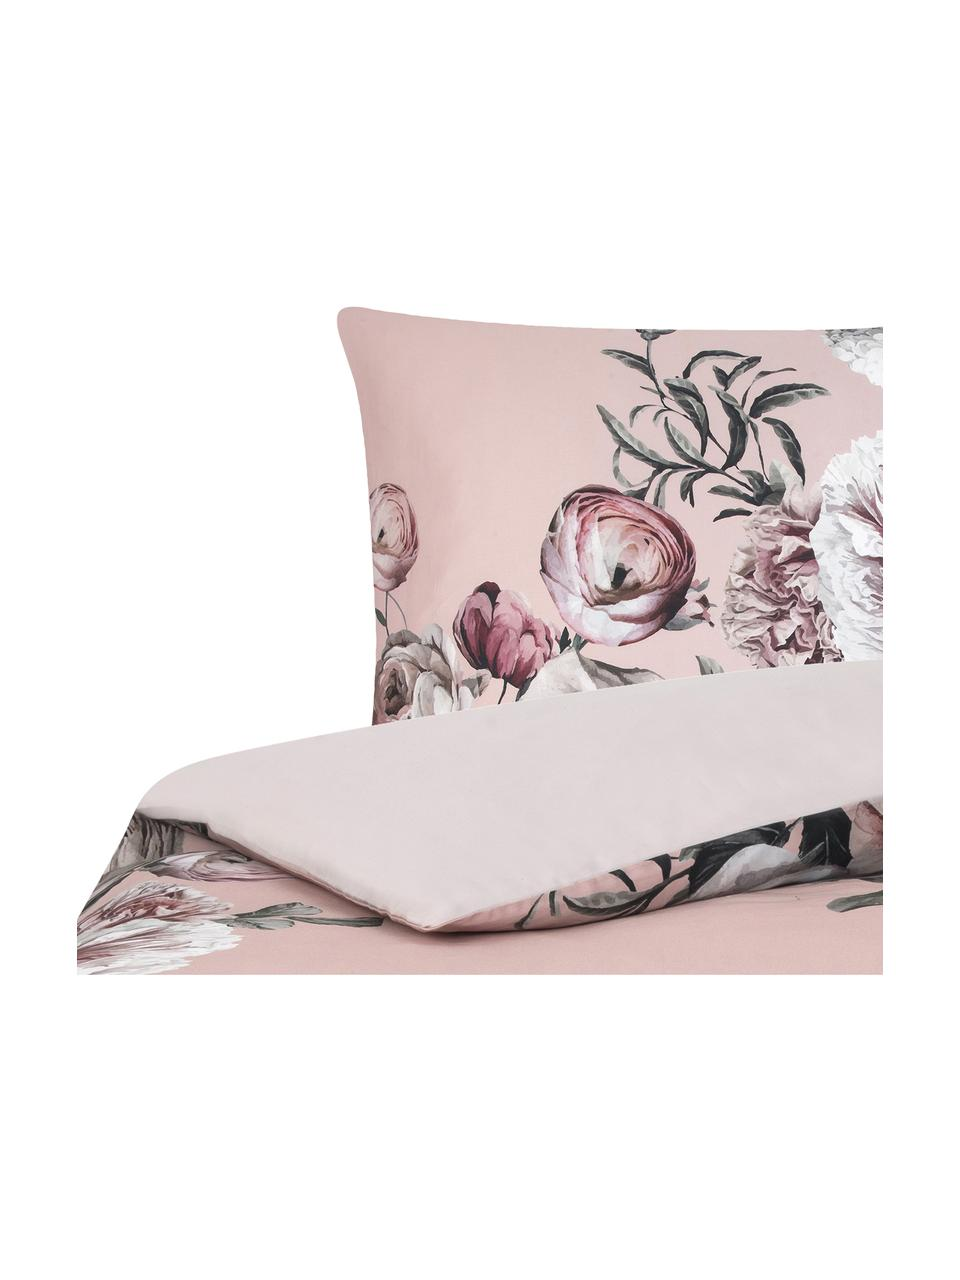 Baumwollsatin-Bettwäsche Blossom mit Blumen-Print, Webart: Satin Fadendichte 210 TC,, Mehrfarbig, Rosa, 135 x 200 cm + 1 Kissen 80 x 80 cm